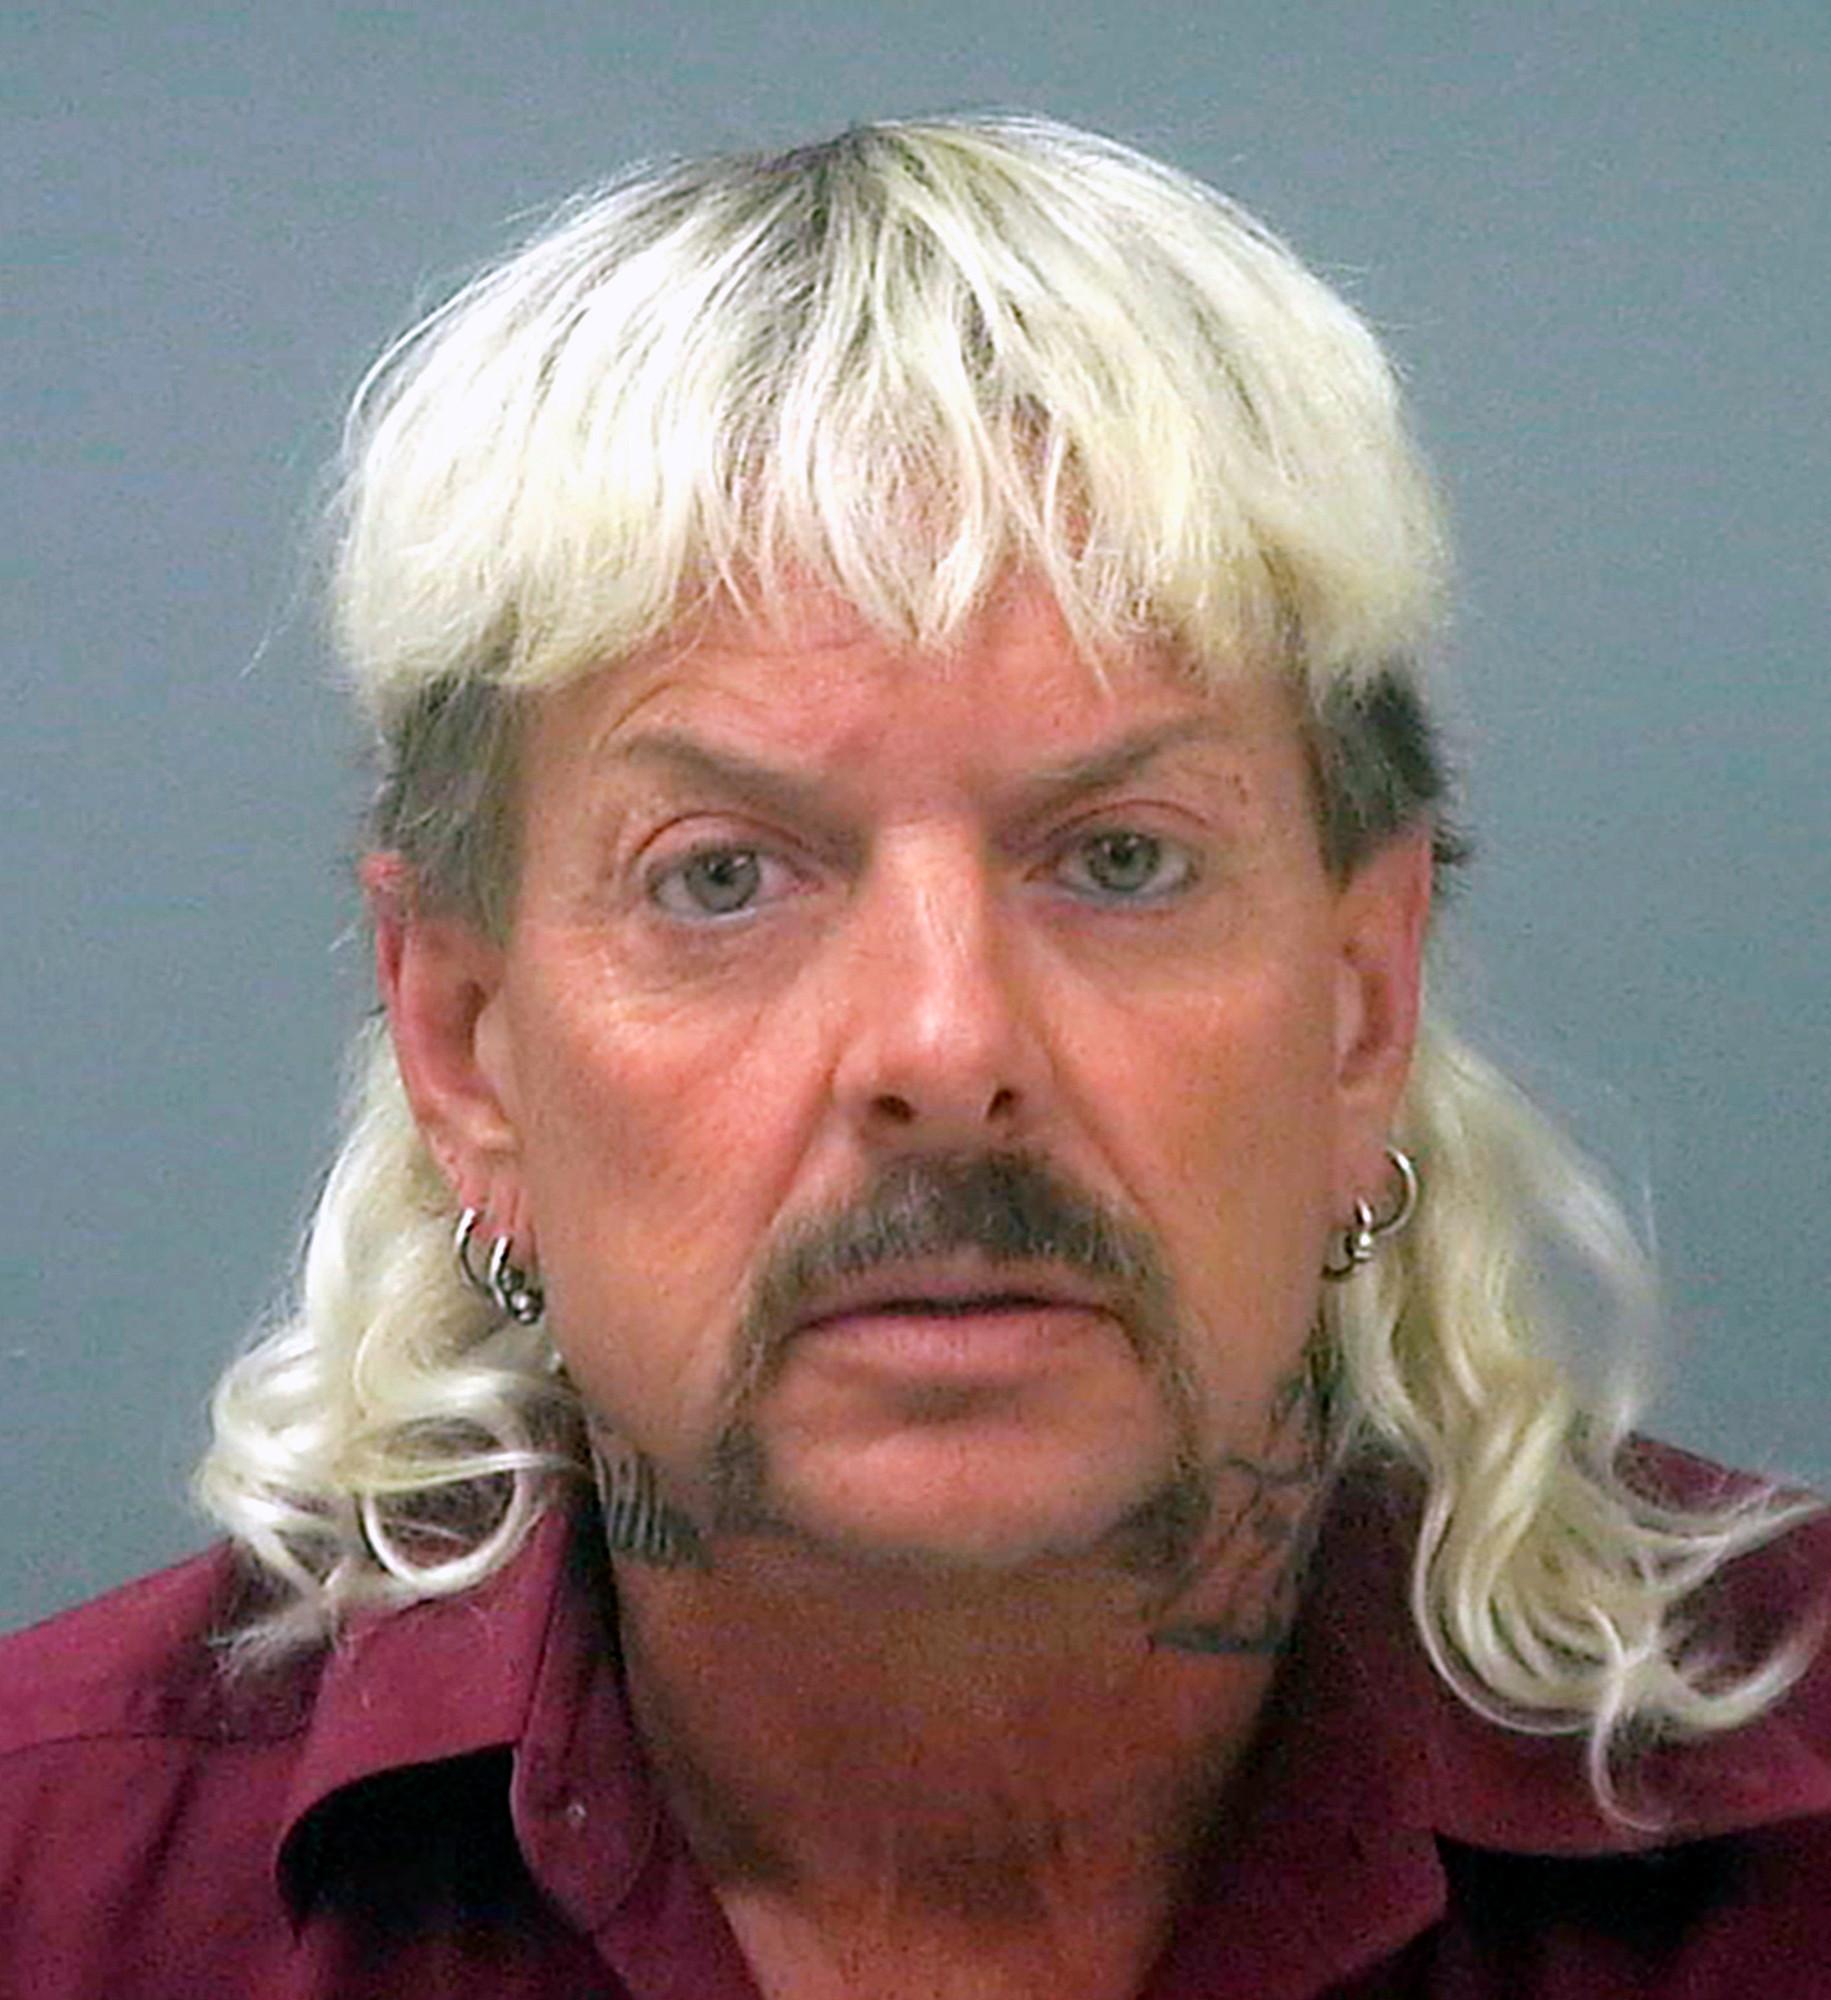 Joe Exotic ha estado encarcelado durante 22 años por la conspiración de asesinato en nombre de otros.